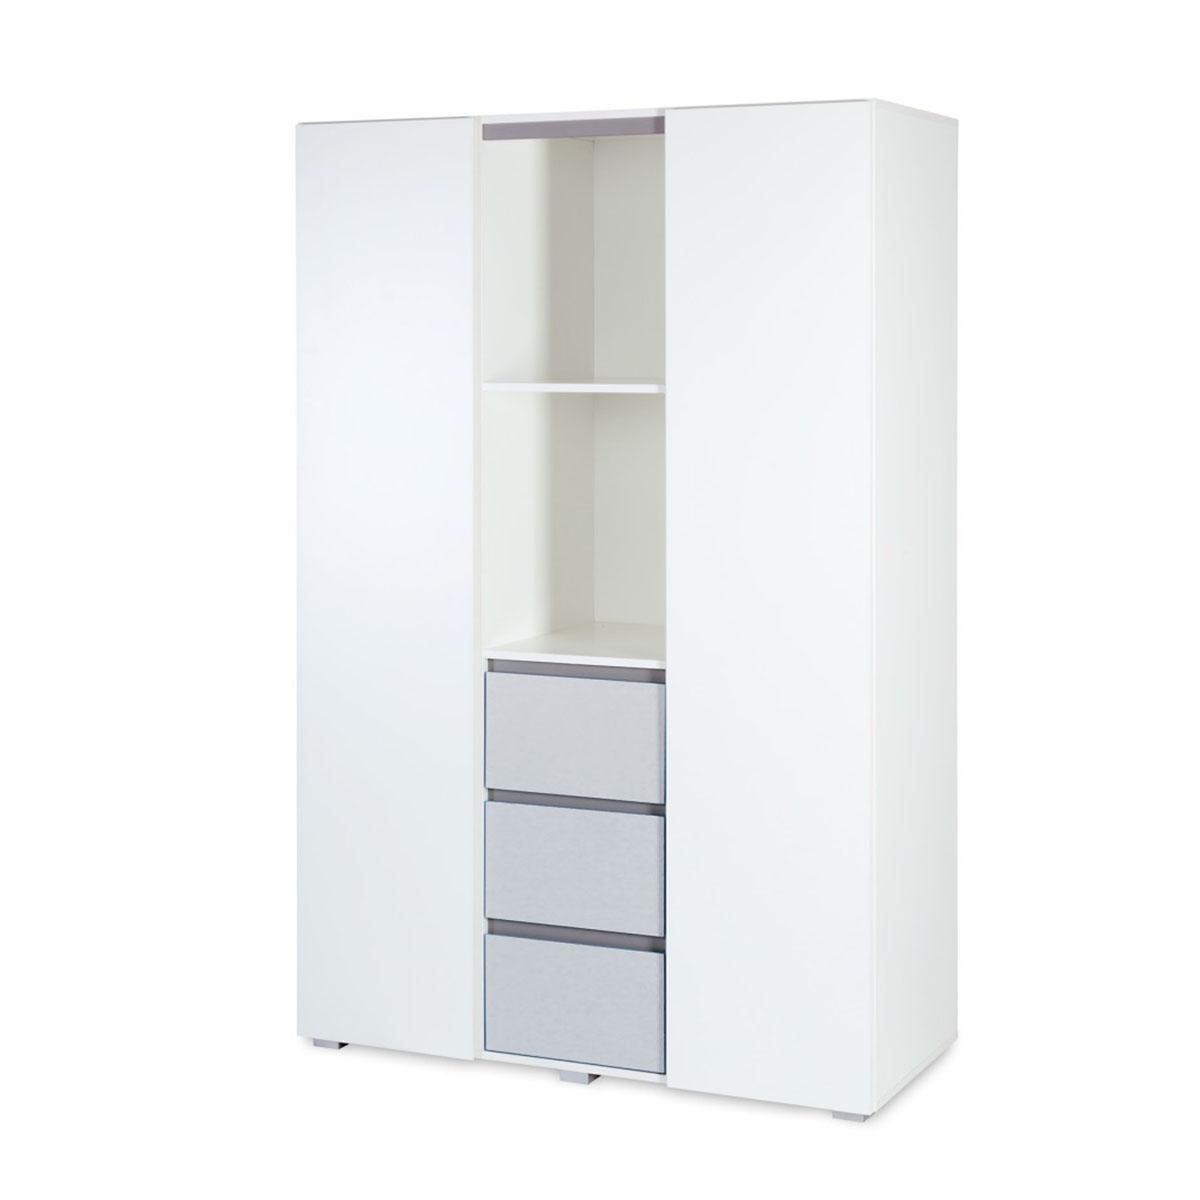 Armoire 3 portes blanc et gris